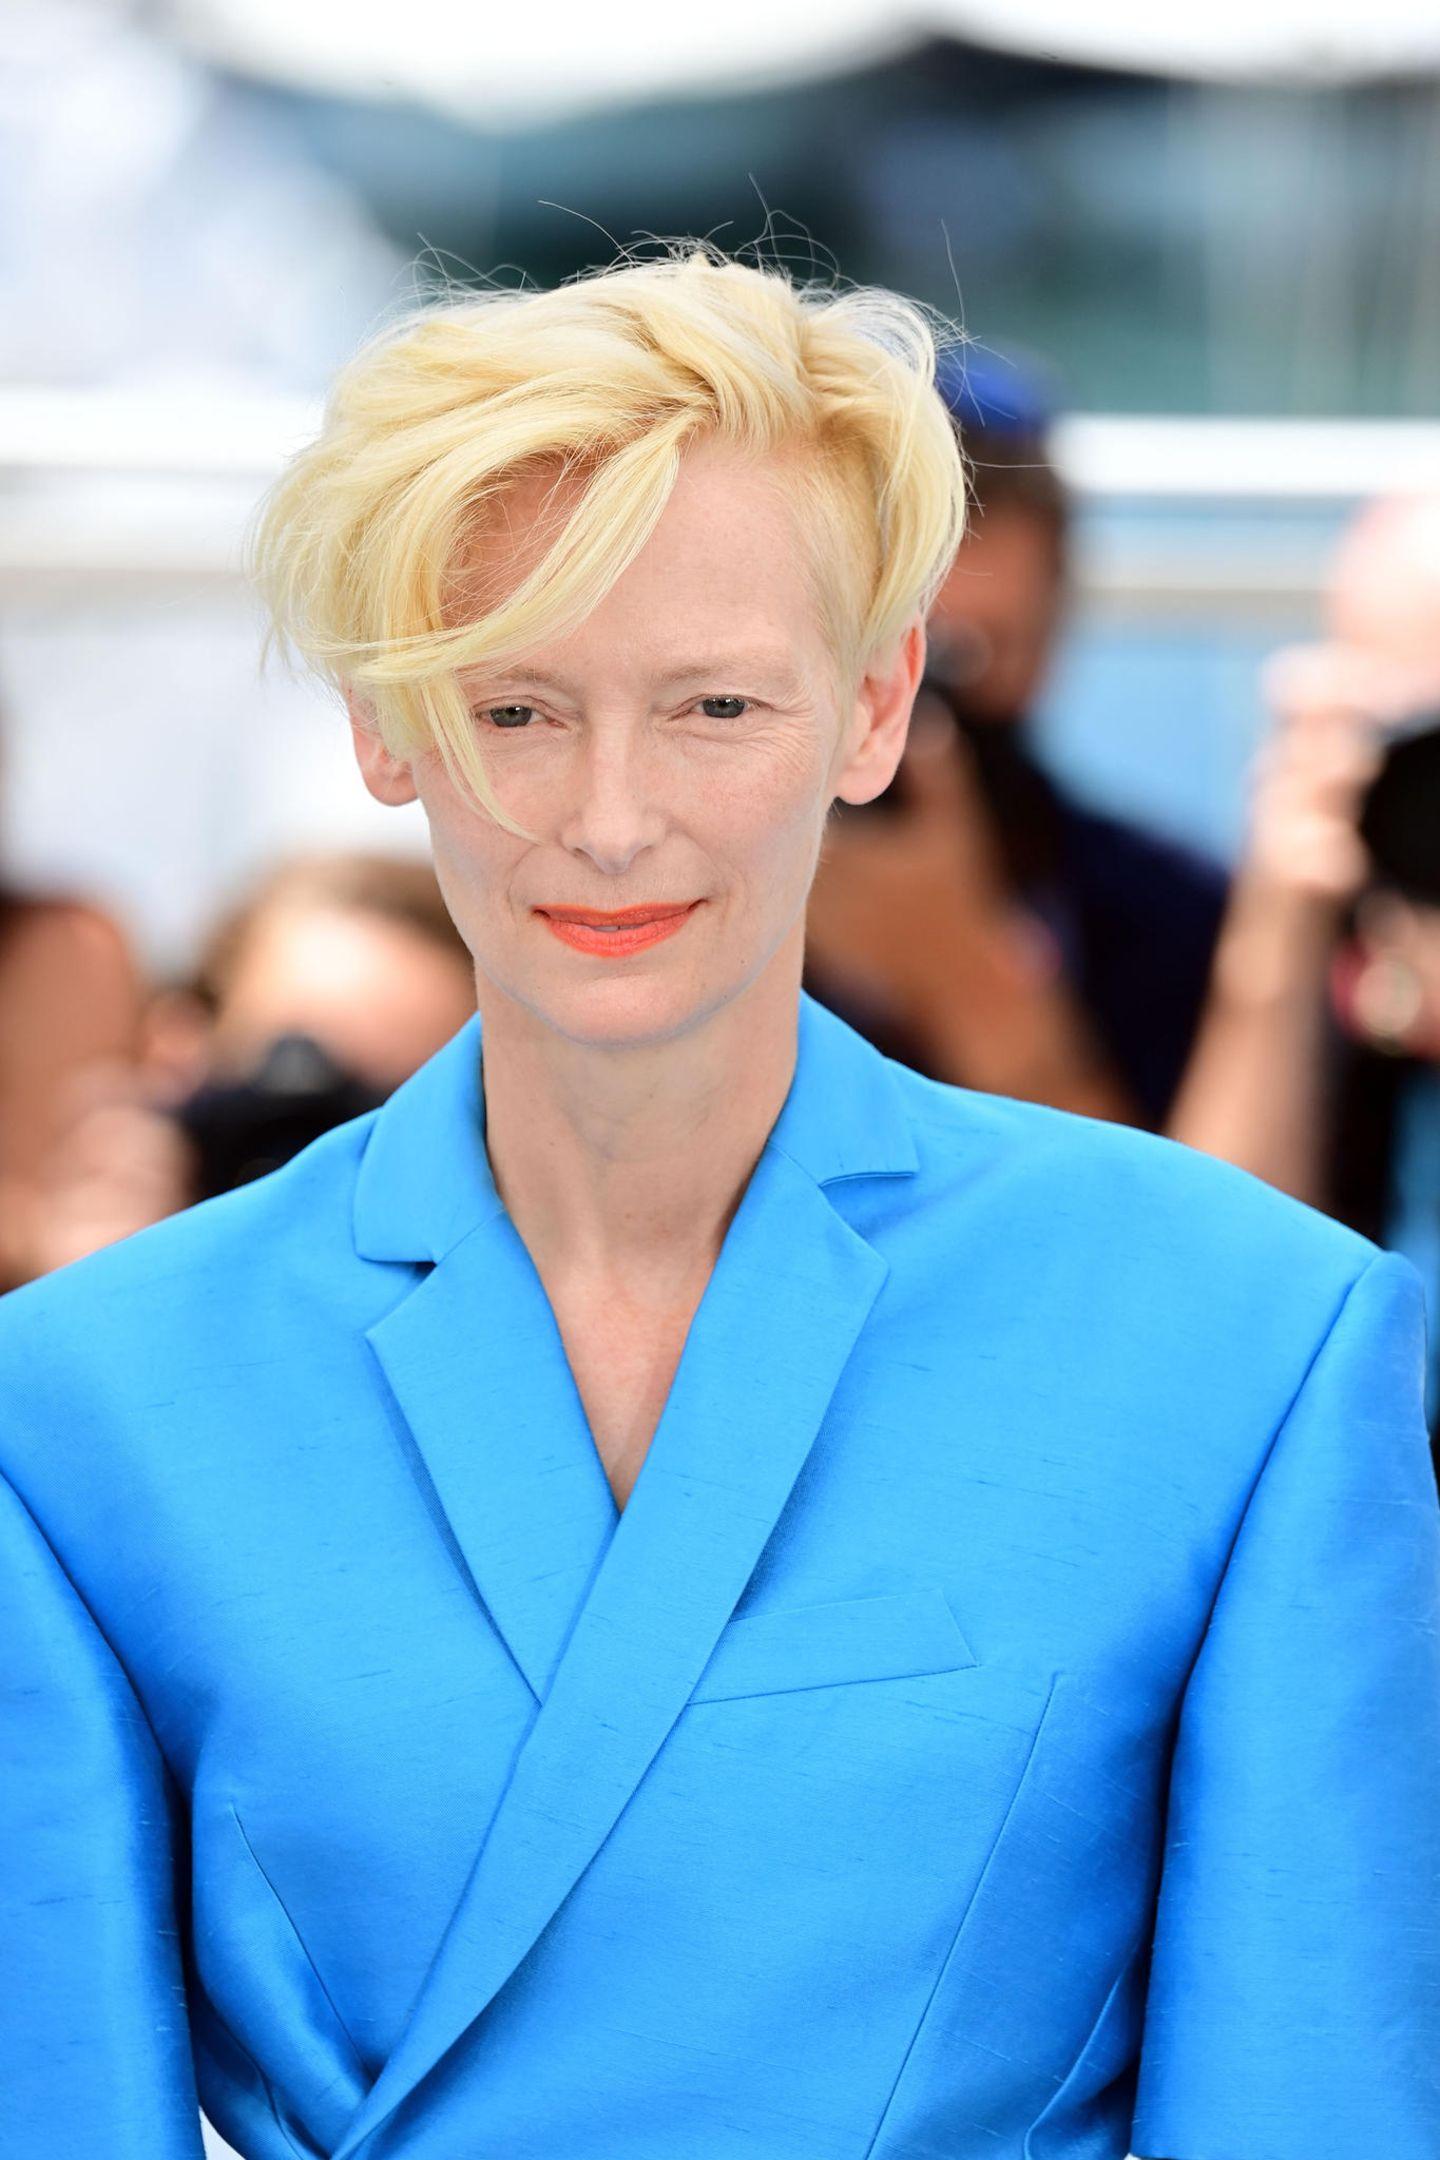 Tilda Swinton präsentiert einen frischen Look mit orangefarbene Lippen, die ihren blauen Anzug perfekt in Szene setzen.